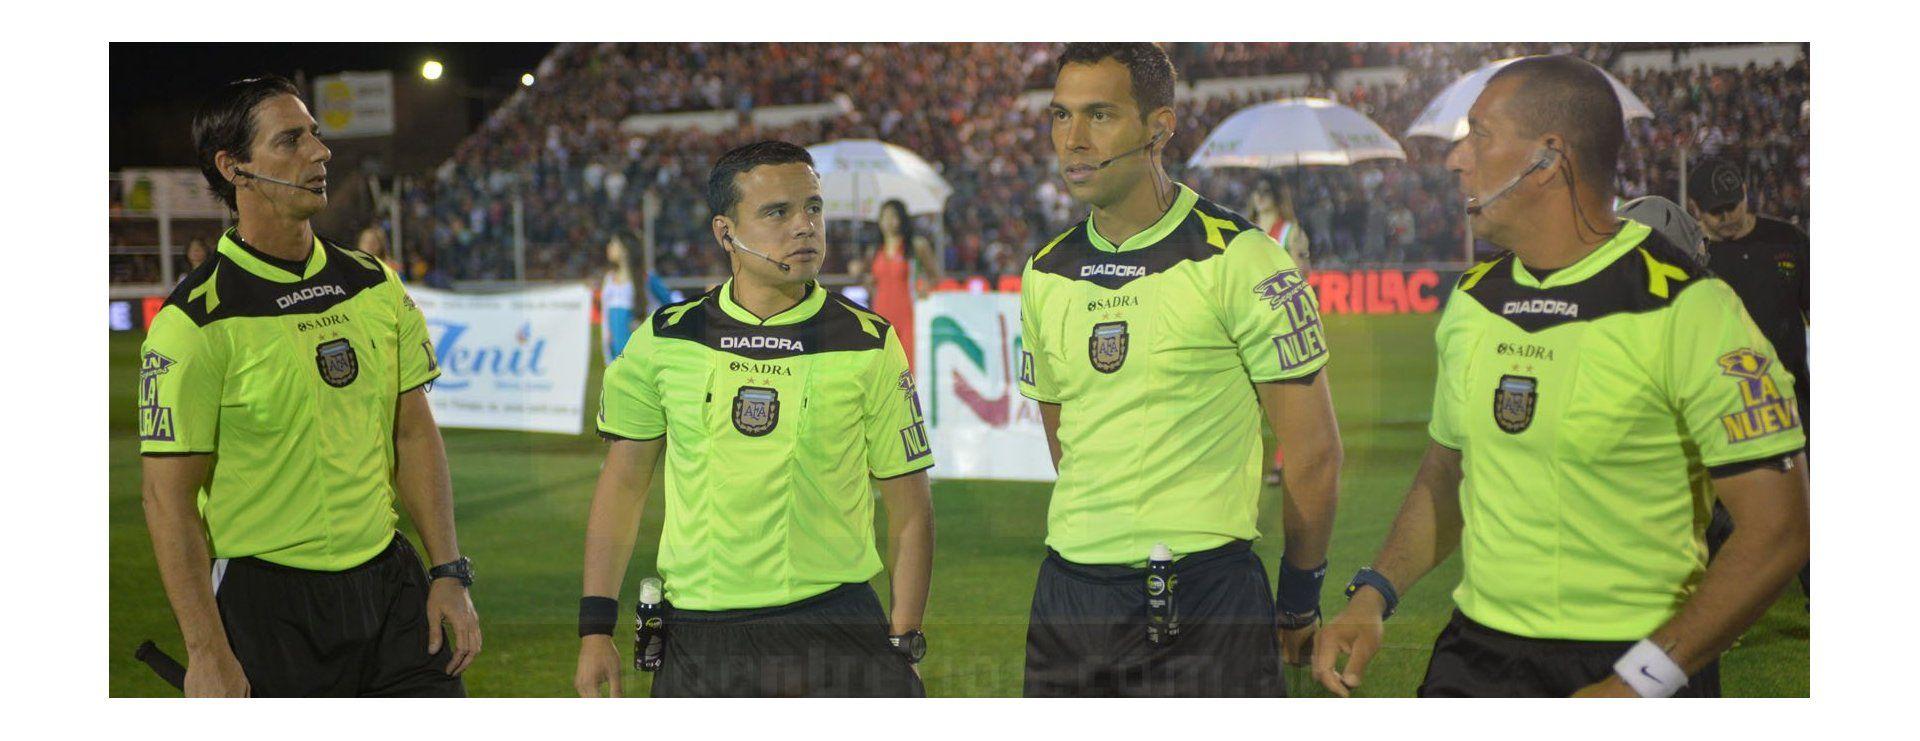 FotoUNOJuan Manuel Hernández/Juan Ignacio Pereira